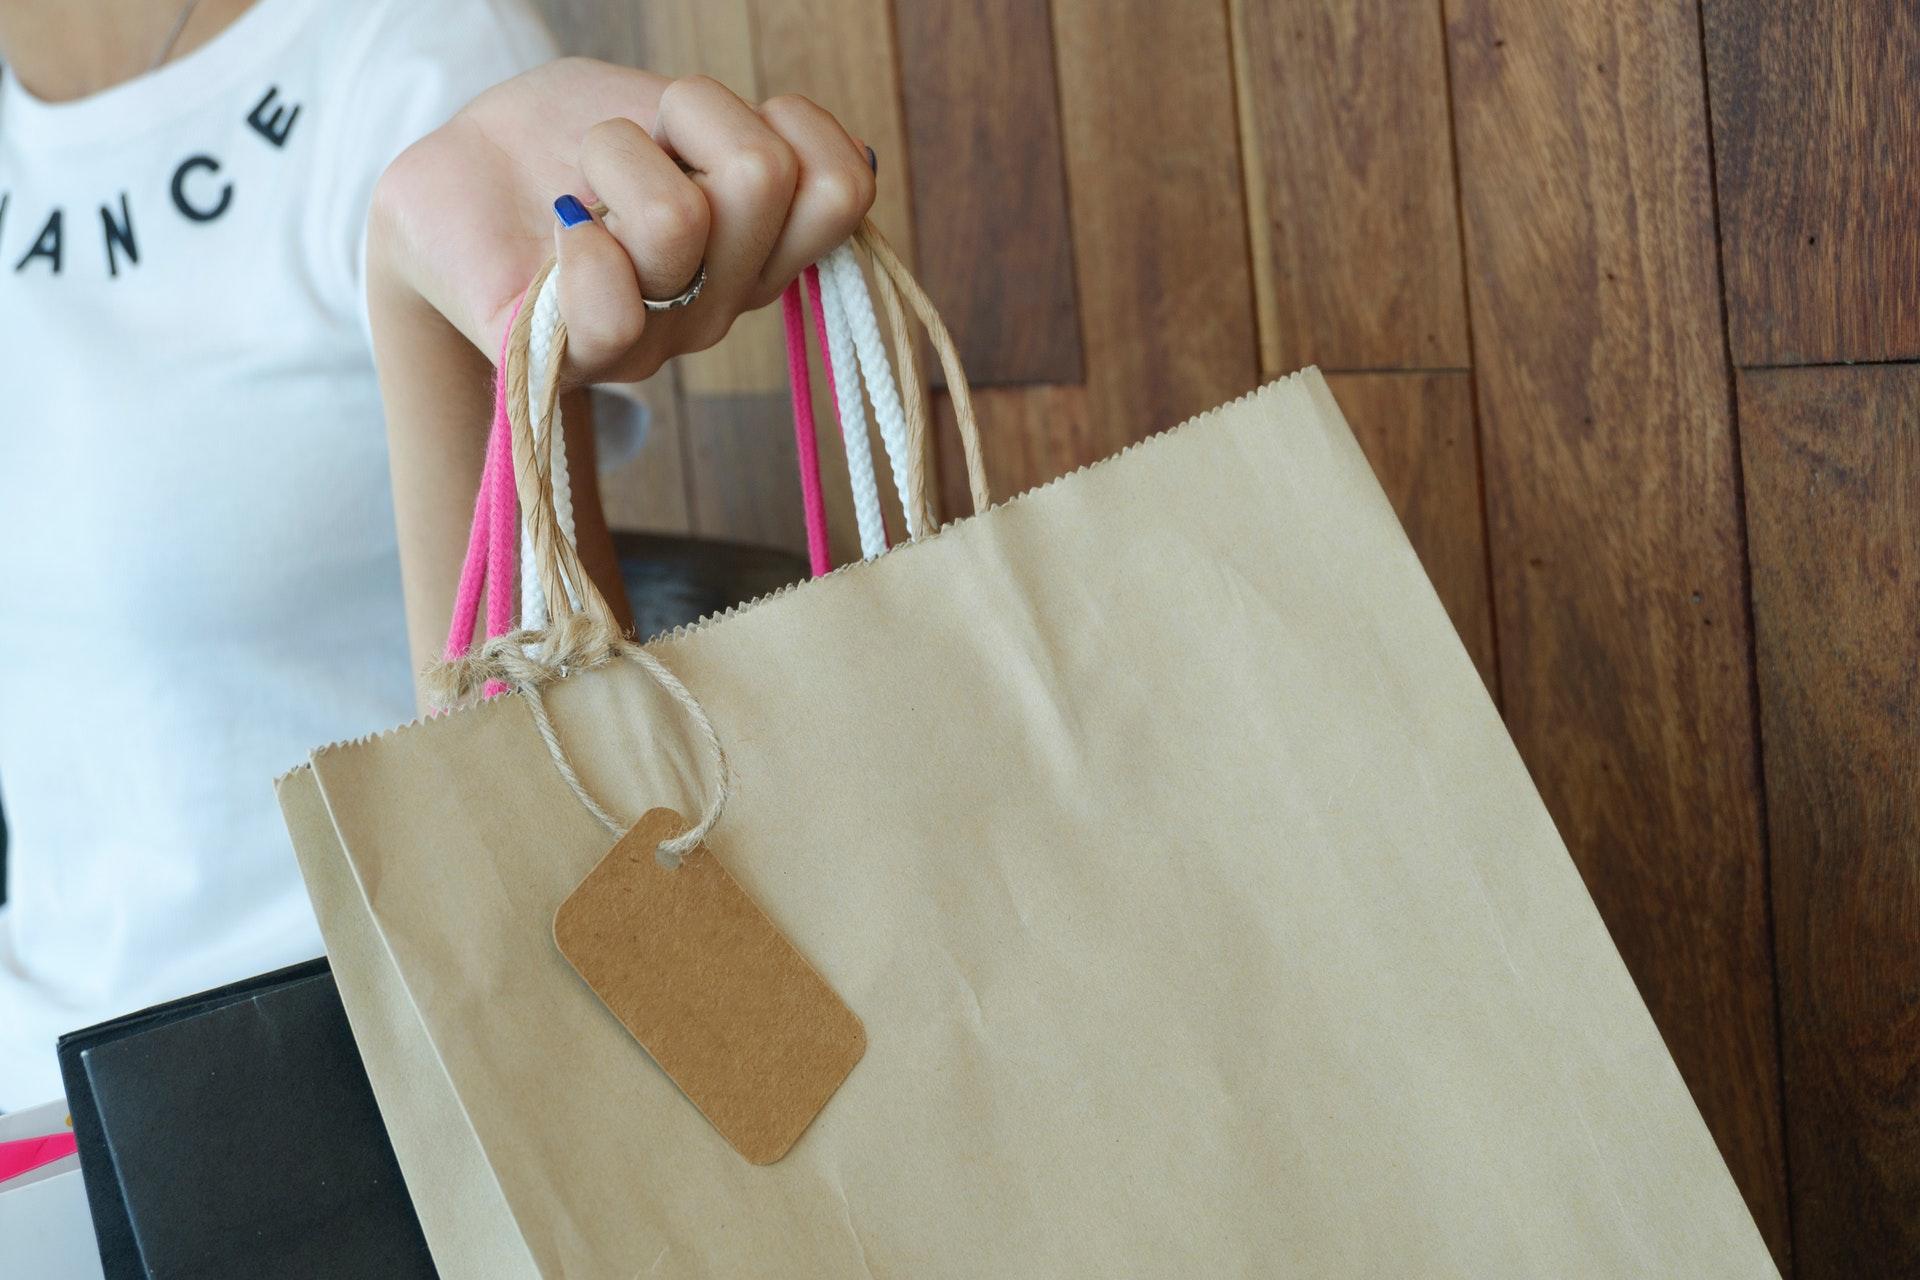 butik, shop, shopping, poser, køb, pose, gave, handle, handel, butikker, forretning